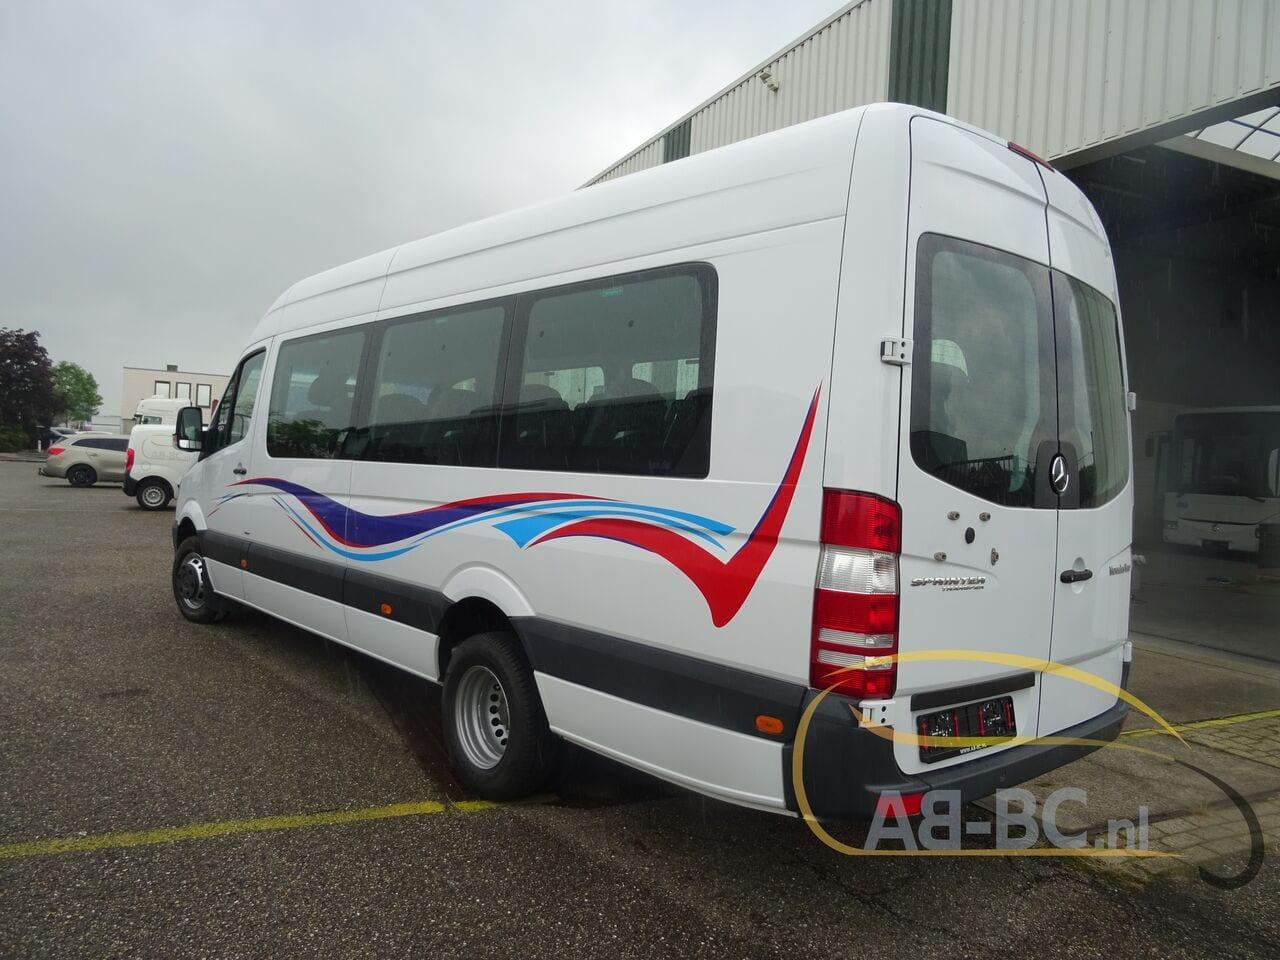 coach-busMERCEDES-BENZ-516-CDI-Sprinter-Transfer-45-23-Seats-EURO-6---1625493781035055808_big_8d11fd143a75c7f93139d1a0c941566a--21060112394245379500